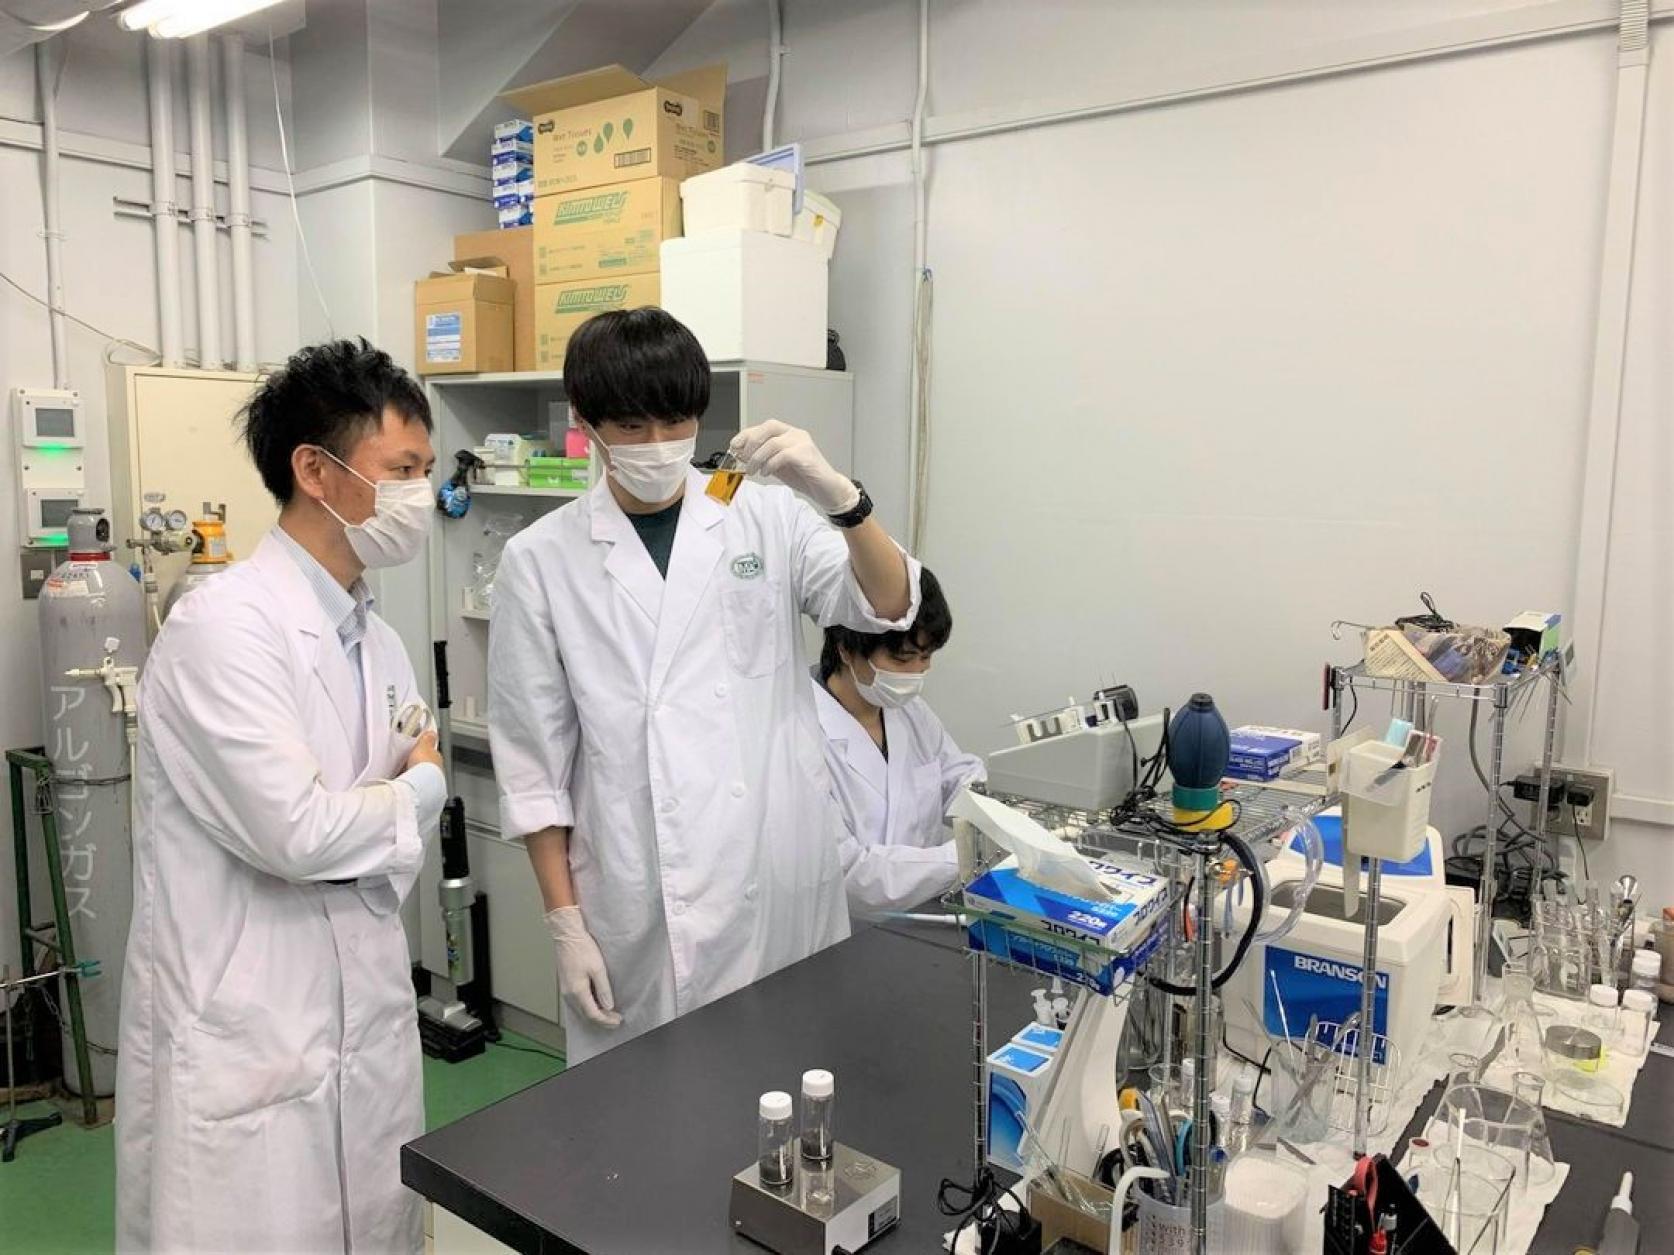 物質応用化学専攻博士前期課程2年の早川祐太郎さんが、「第72回コロイドおよび界面化学討論」においてポスター賞を受賞しました。